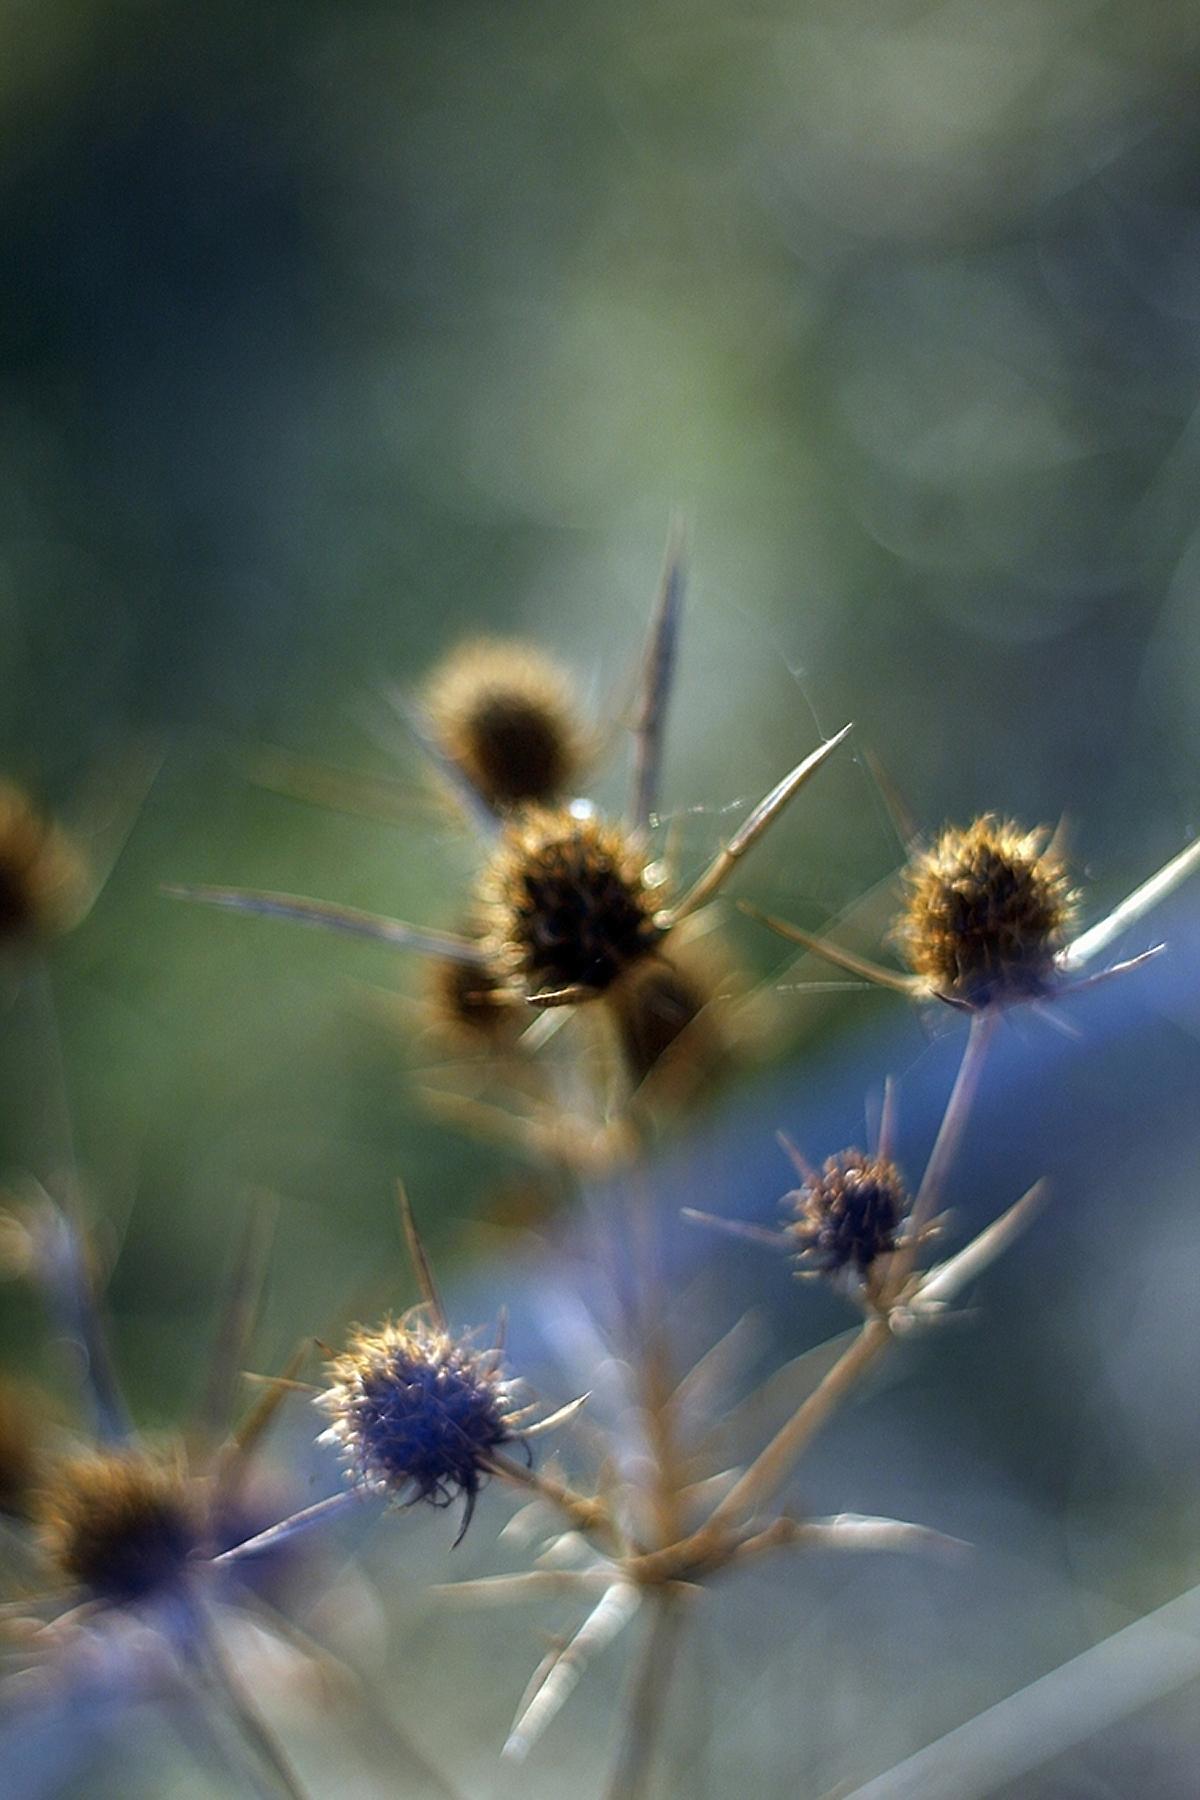 podzimni-detail-bodlak.jpg